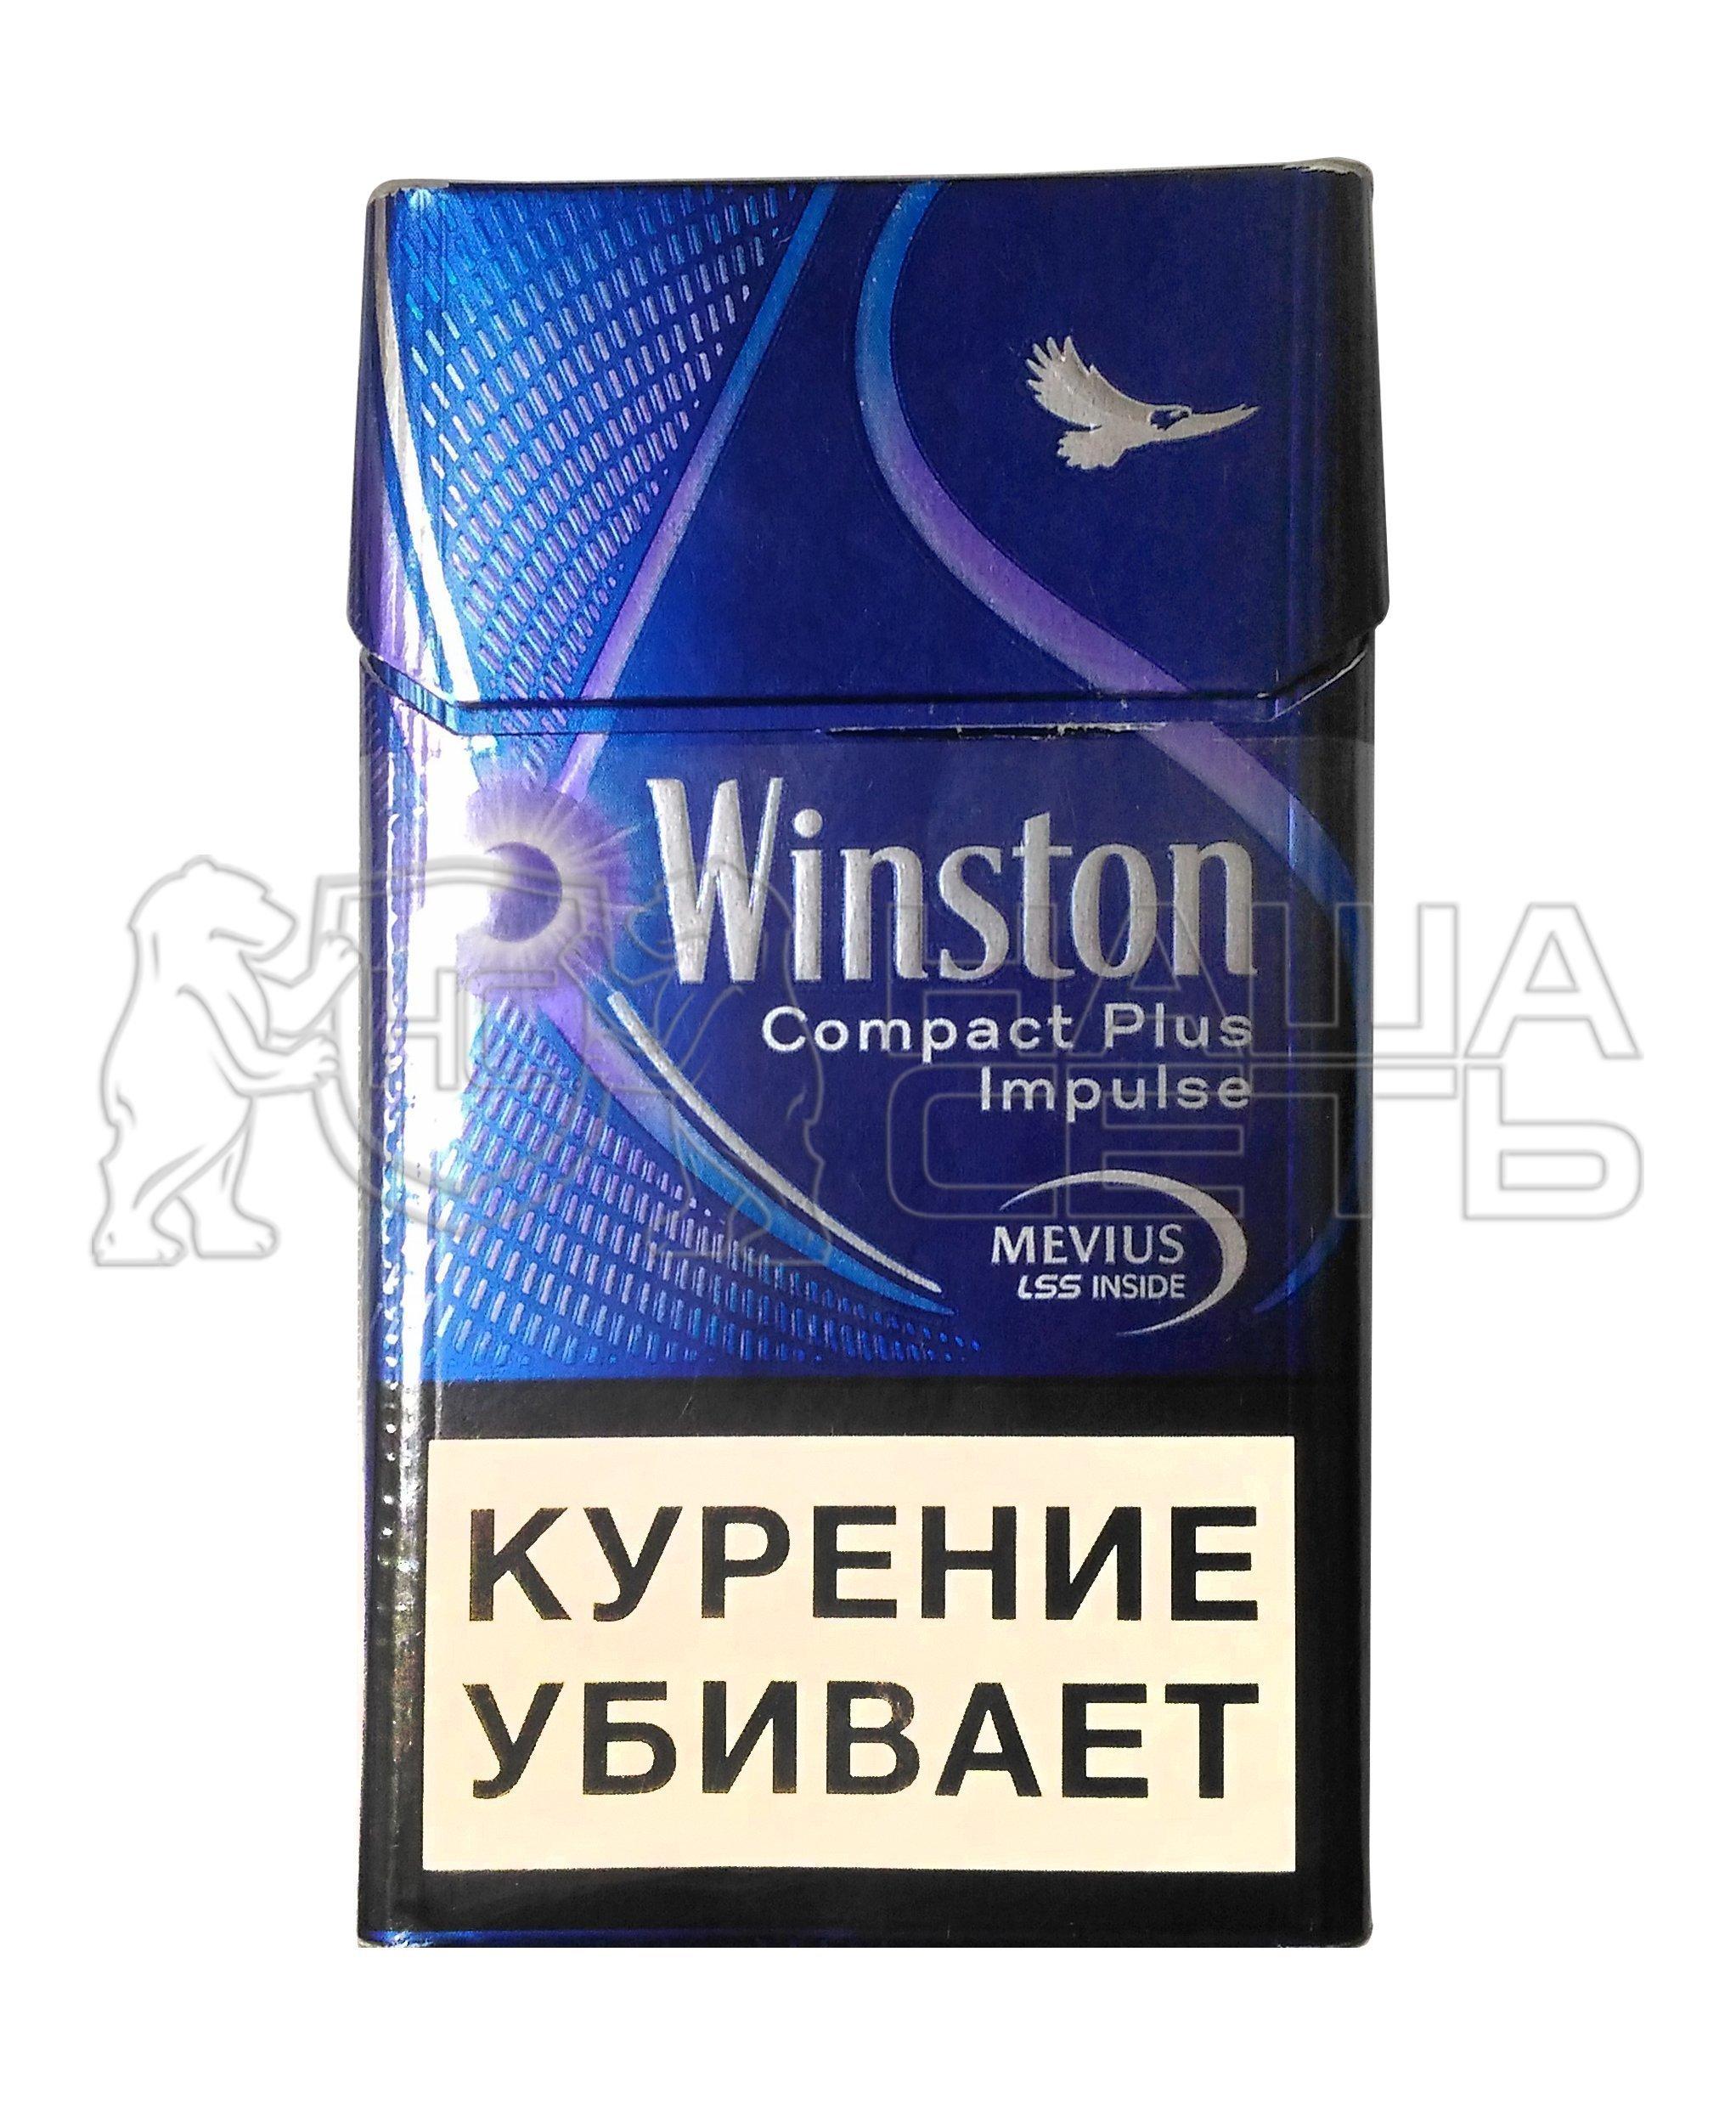 Одноразовые электронные сигареты купить рядом москва электронные сигареты купить оптом